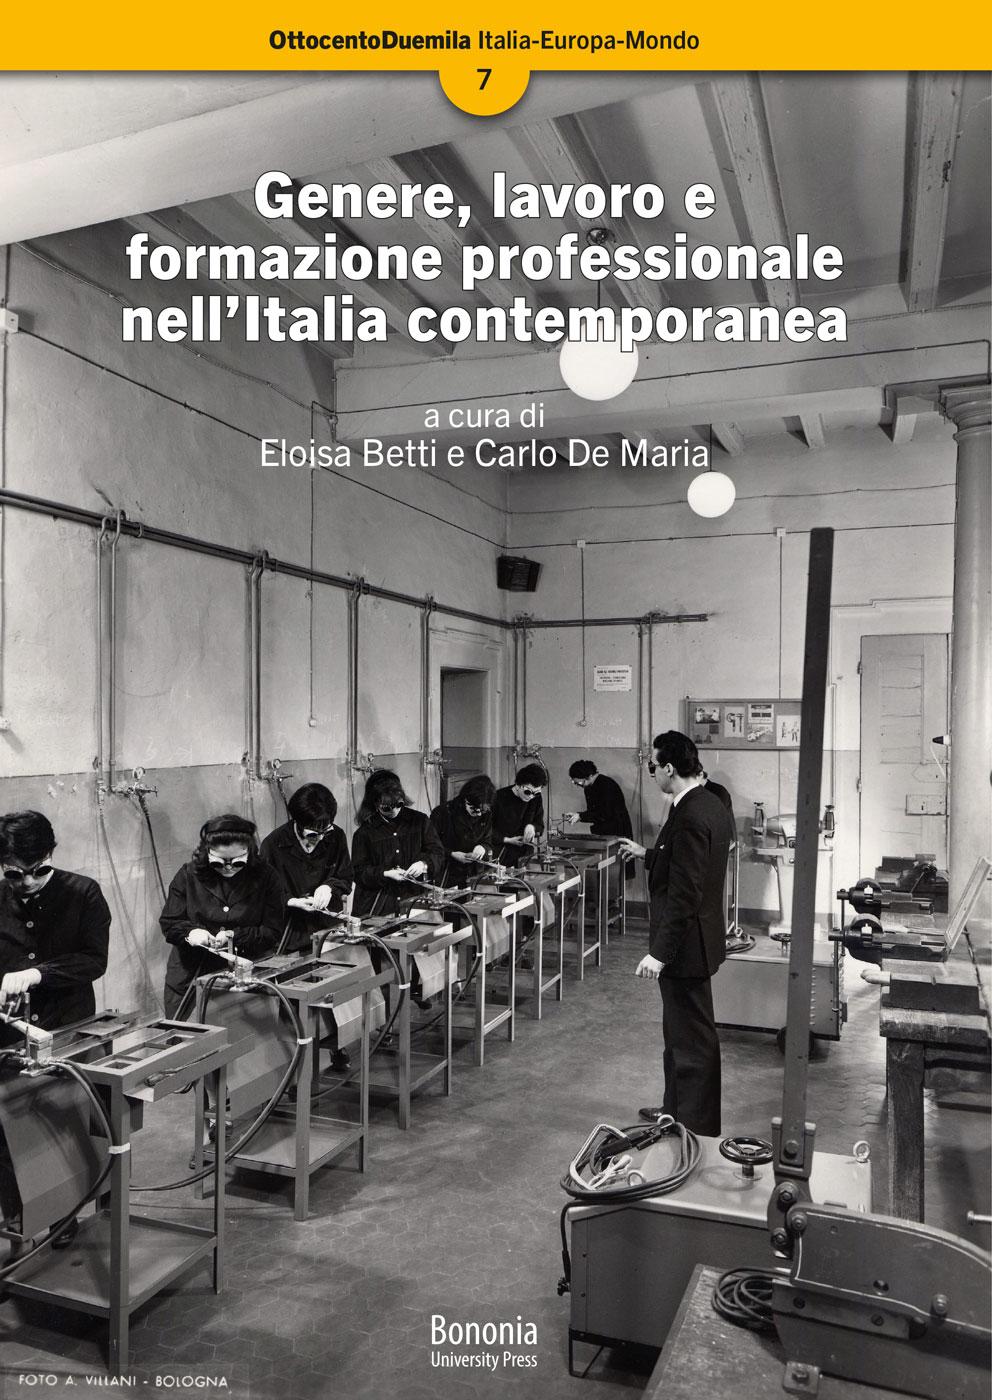 Genere, lavoro e formazione professionale nell'Italia contemporanea - Bononia University Press